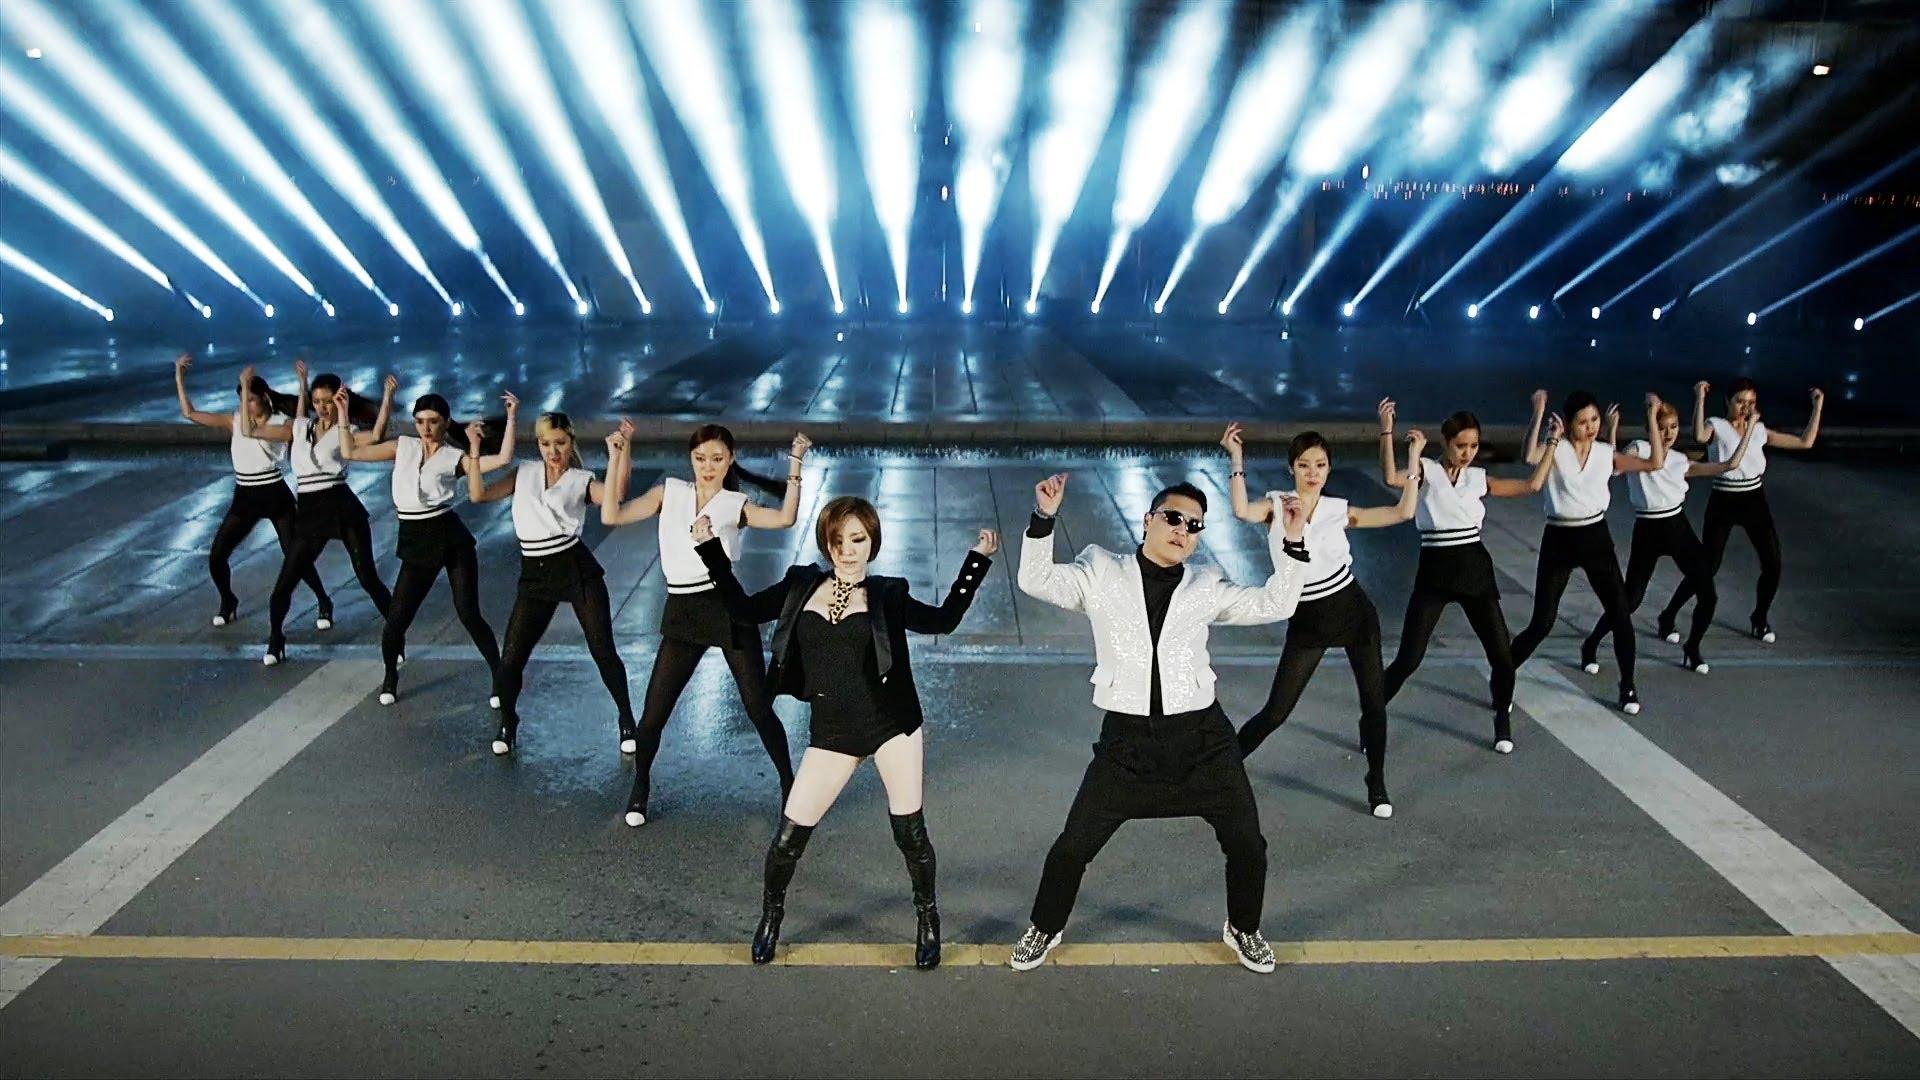 Nya låten från PSY (Gangnam style) – Gentleman